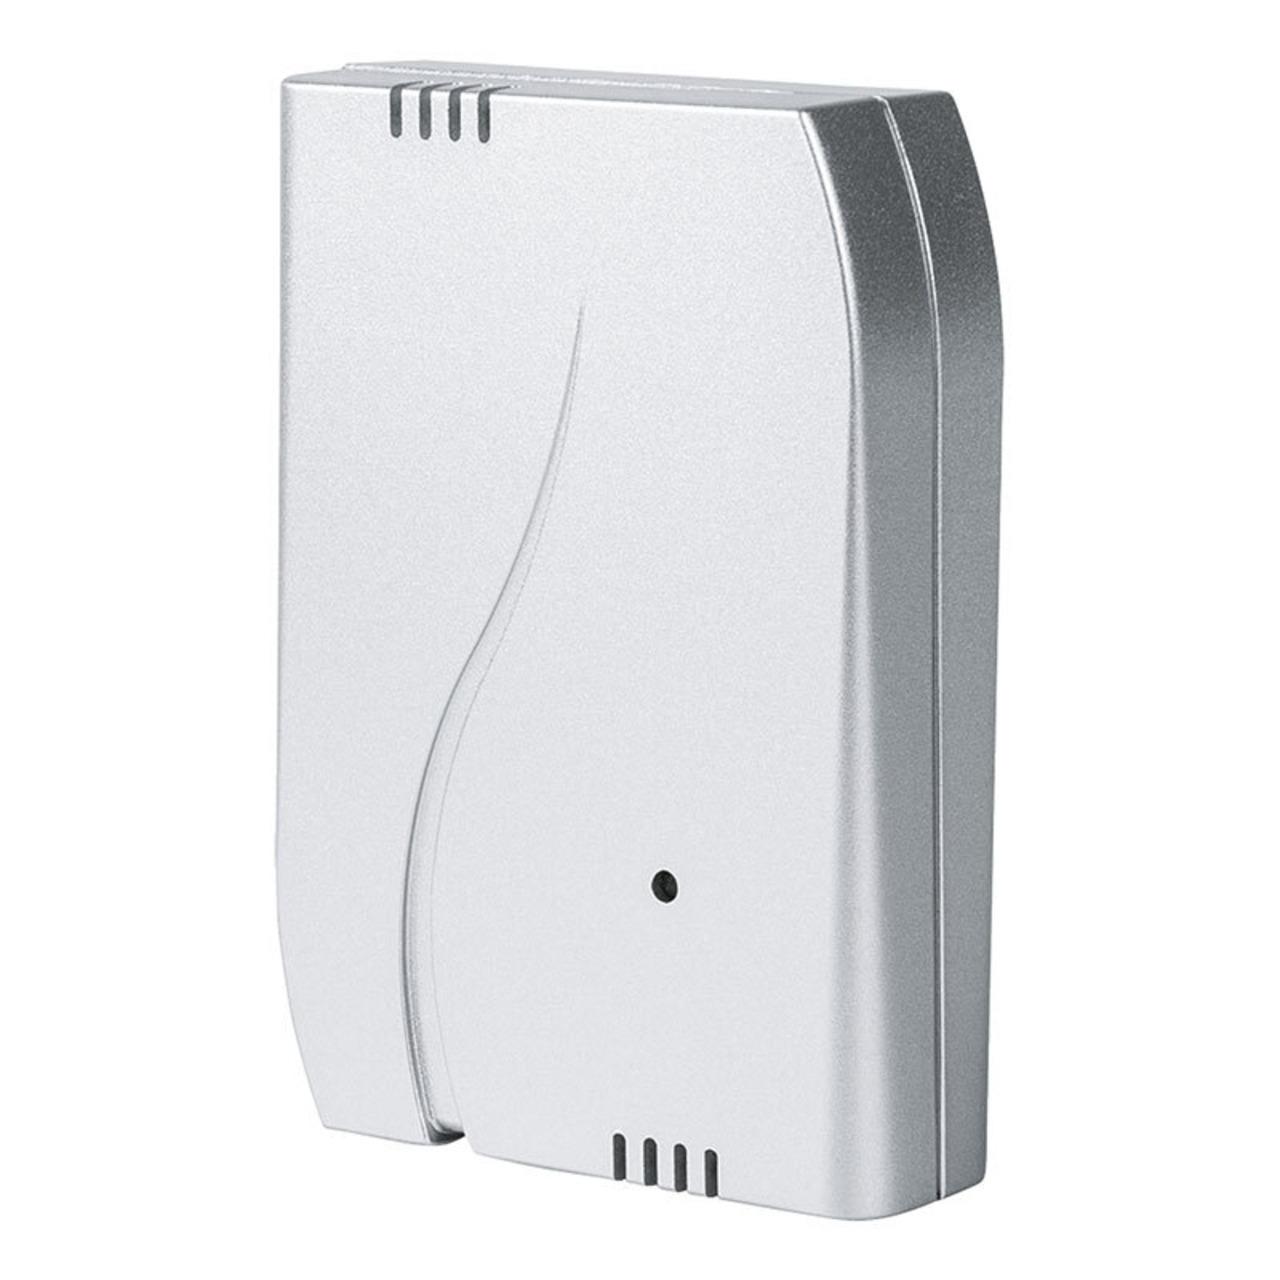 Homematic Funk-Innensensor ITH HM-WDS40-TH-I-2 für Smart Home - Hausautomation